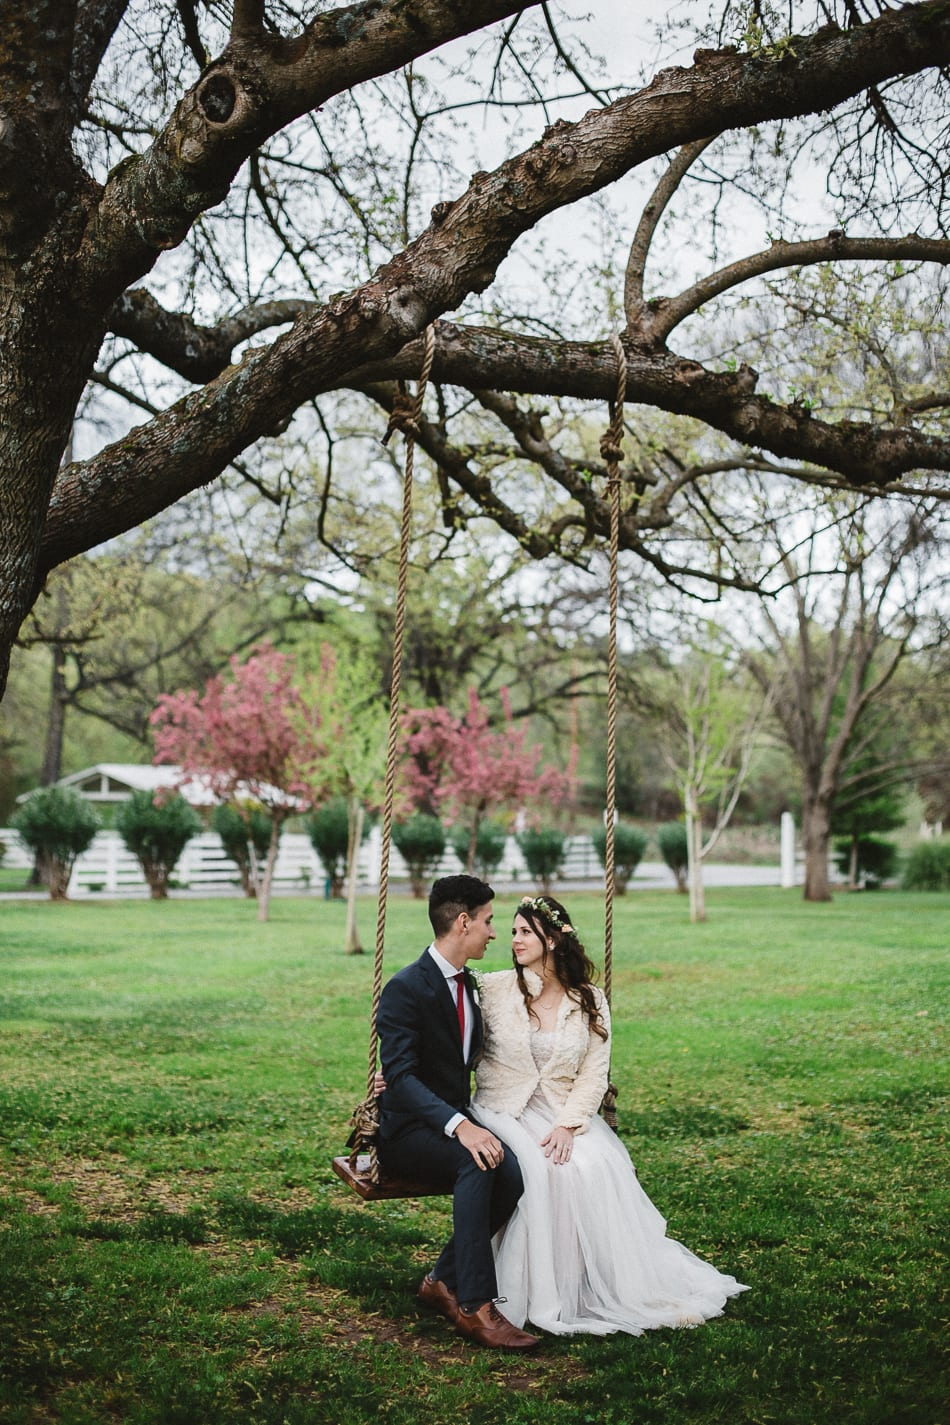 gover-ranch-redding-california-wedding-photographer-194